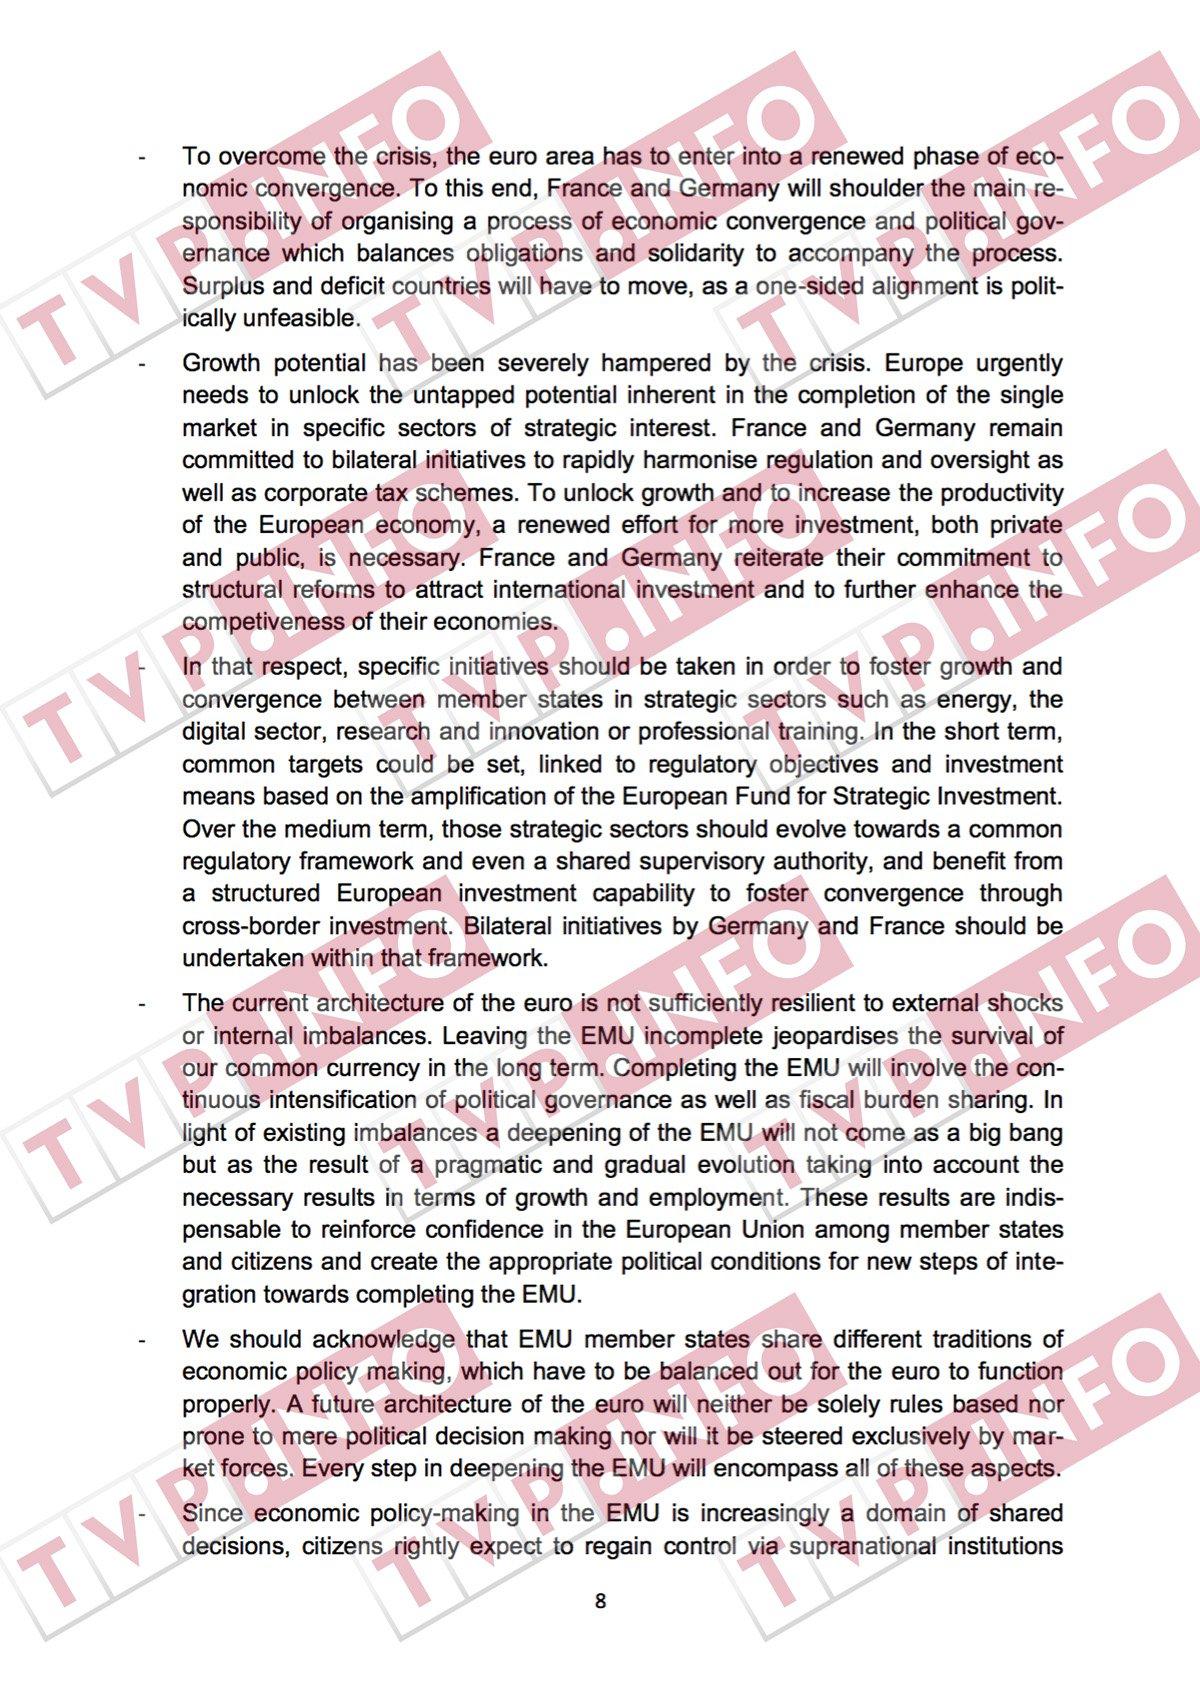 Geheimdokument-Europäischer-Superstaat-nimmt-Form-an-Kommentar-Oliver-Baron-GodmodeTrader.de-8